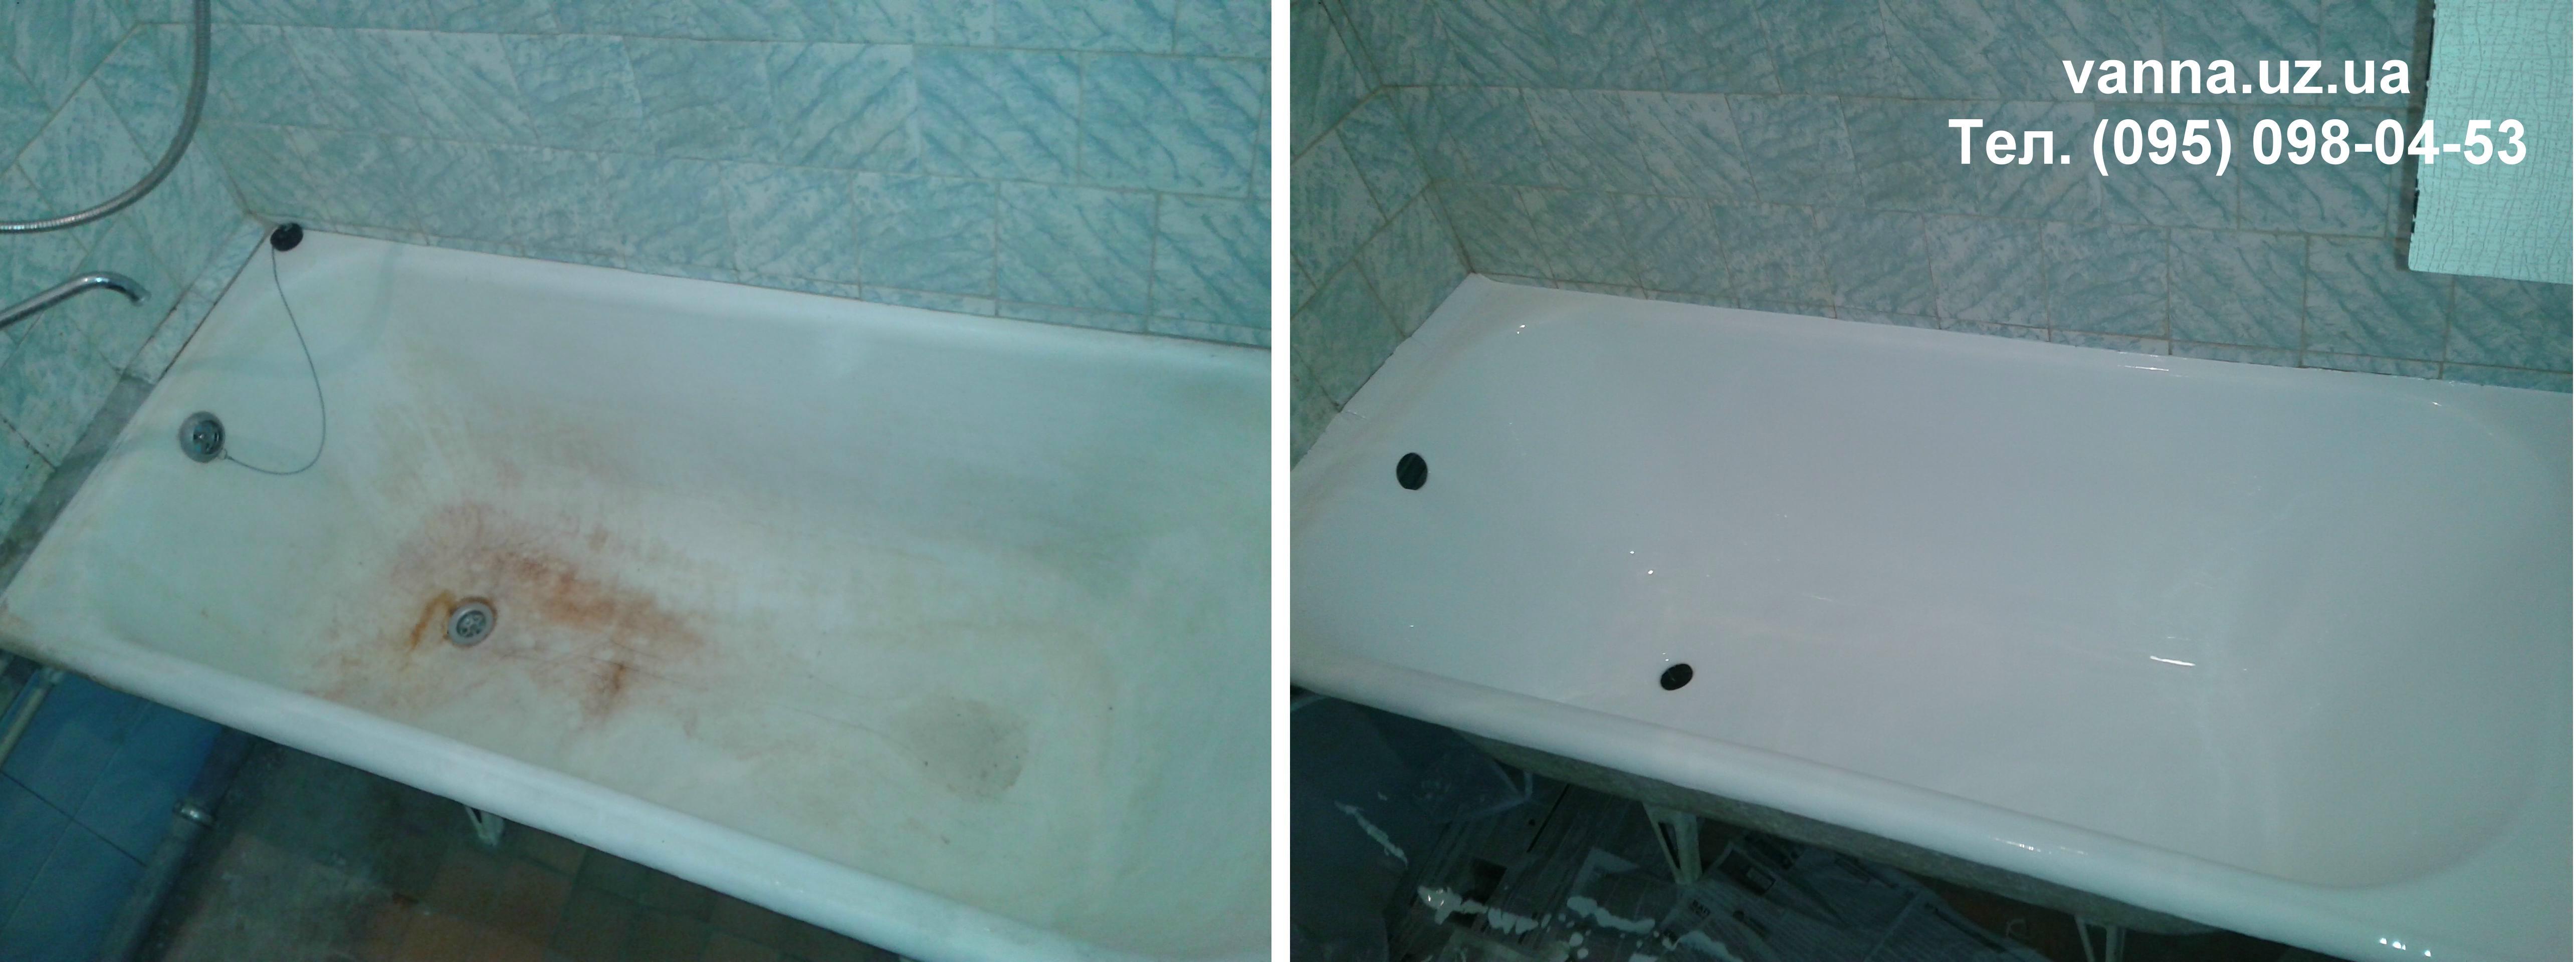 ужгород. реставрація ванн